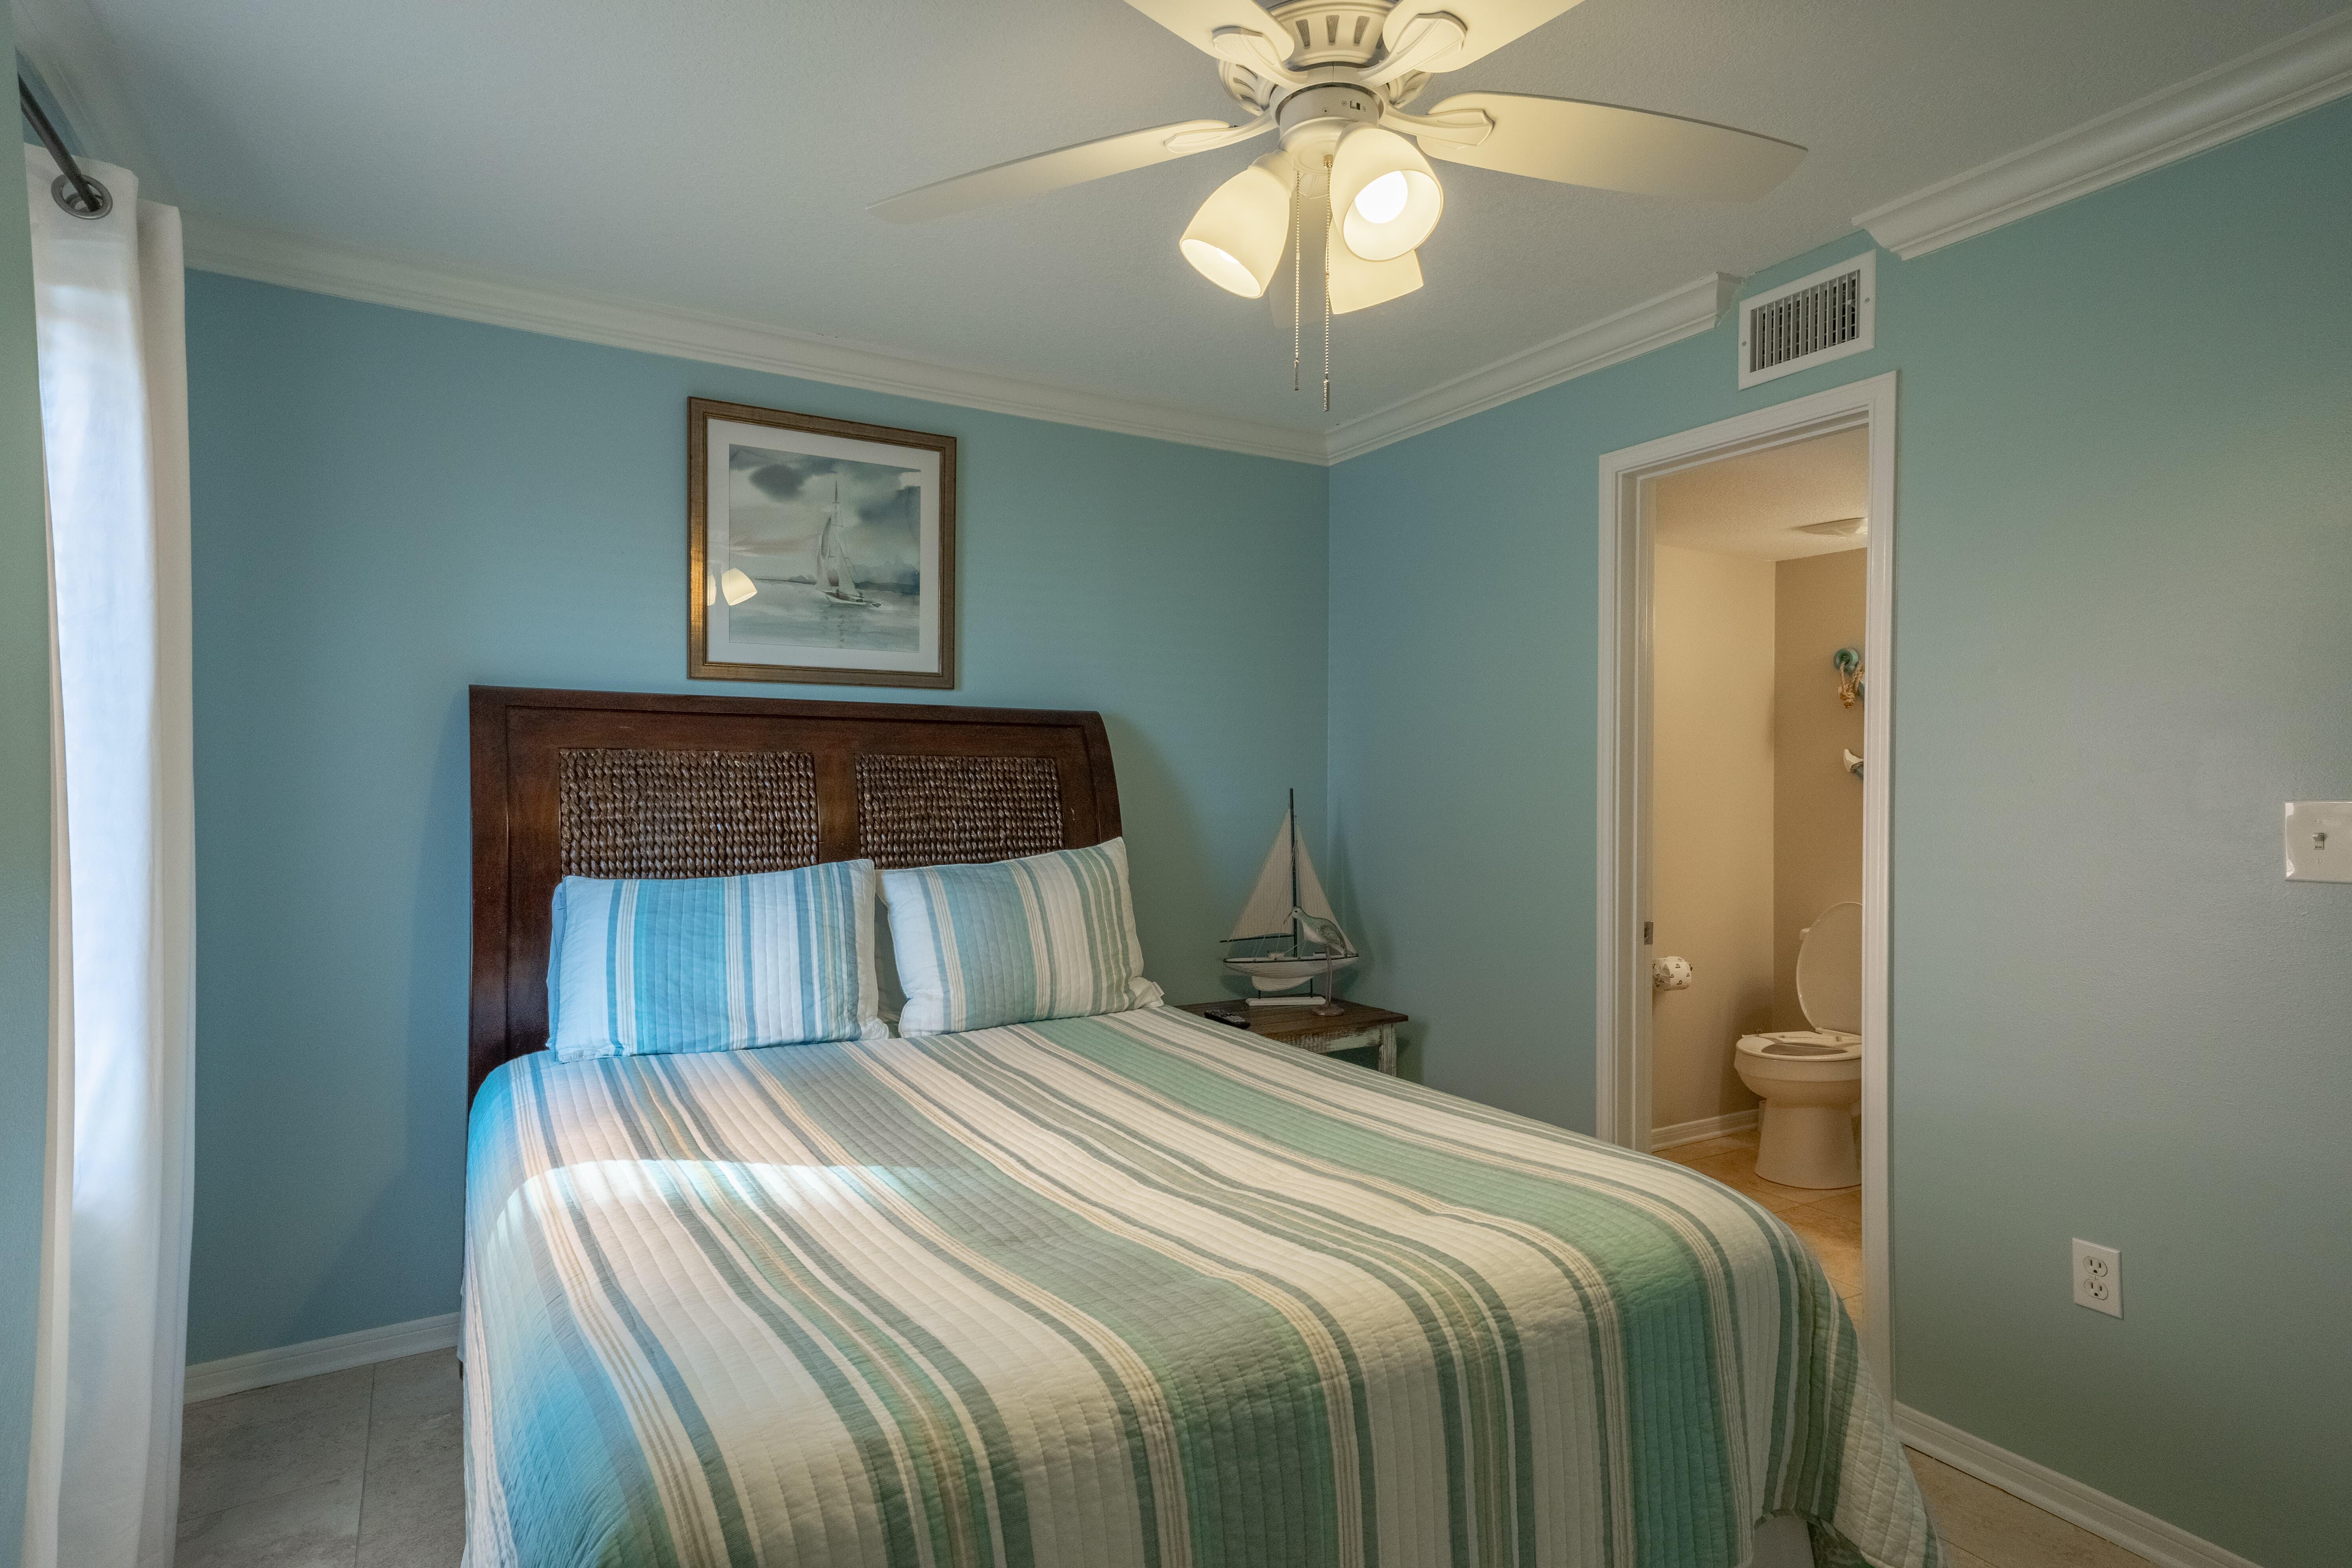 Ocean House 2201 Condo rental in Ocean House - Gulf Shores in Gulf Shores Alabama - #19